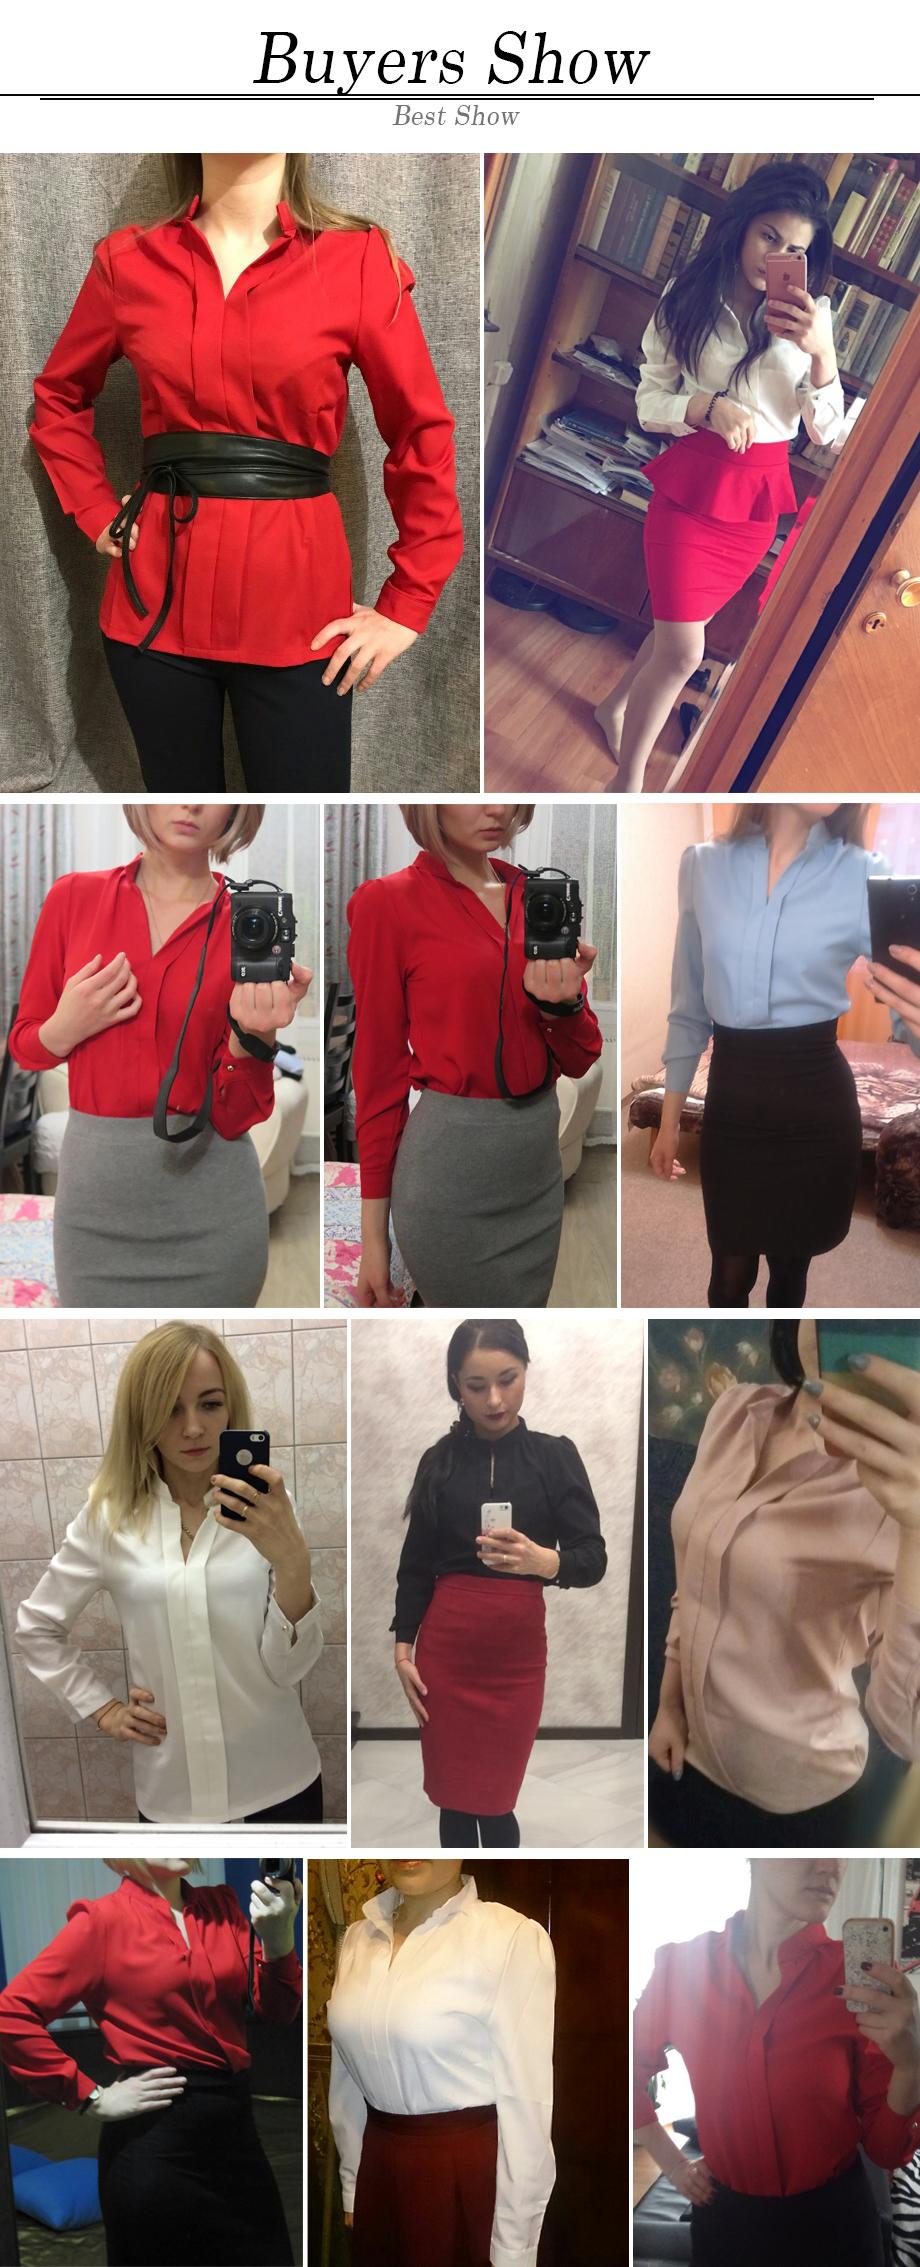 HTB1ULxwPVXXXXbNXVXXq6xXFXXXR - Long Sleeve Elegant Ladies Office Shirts Fashion Casual Slim Women